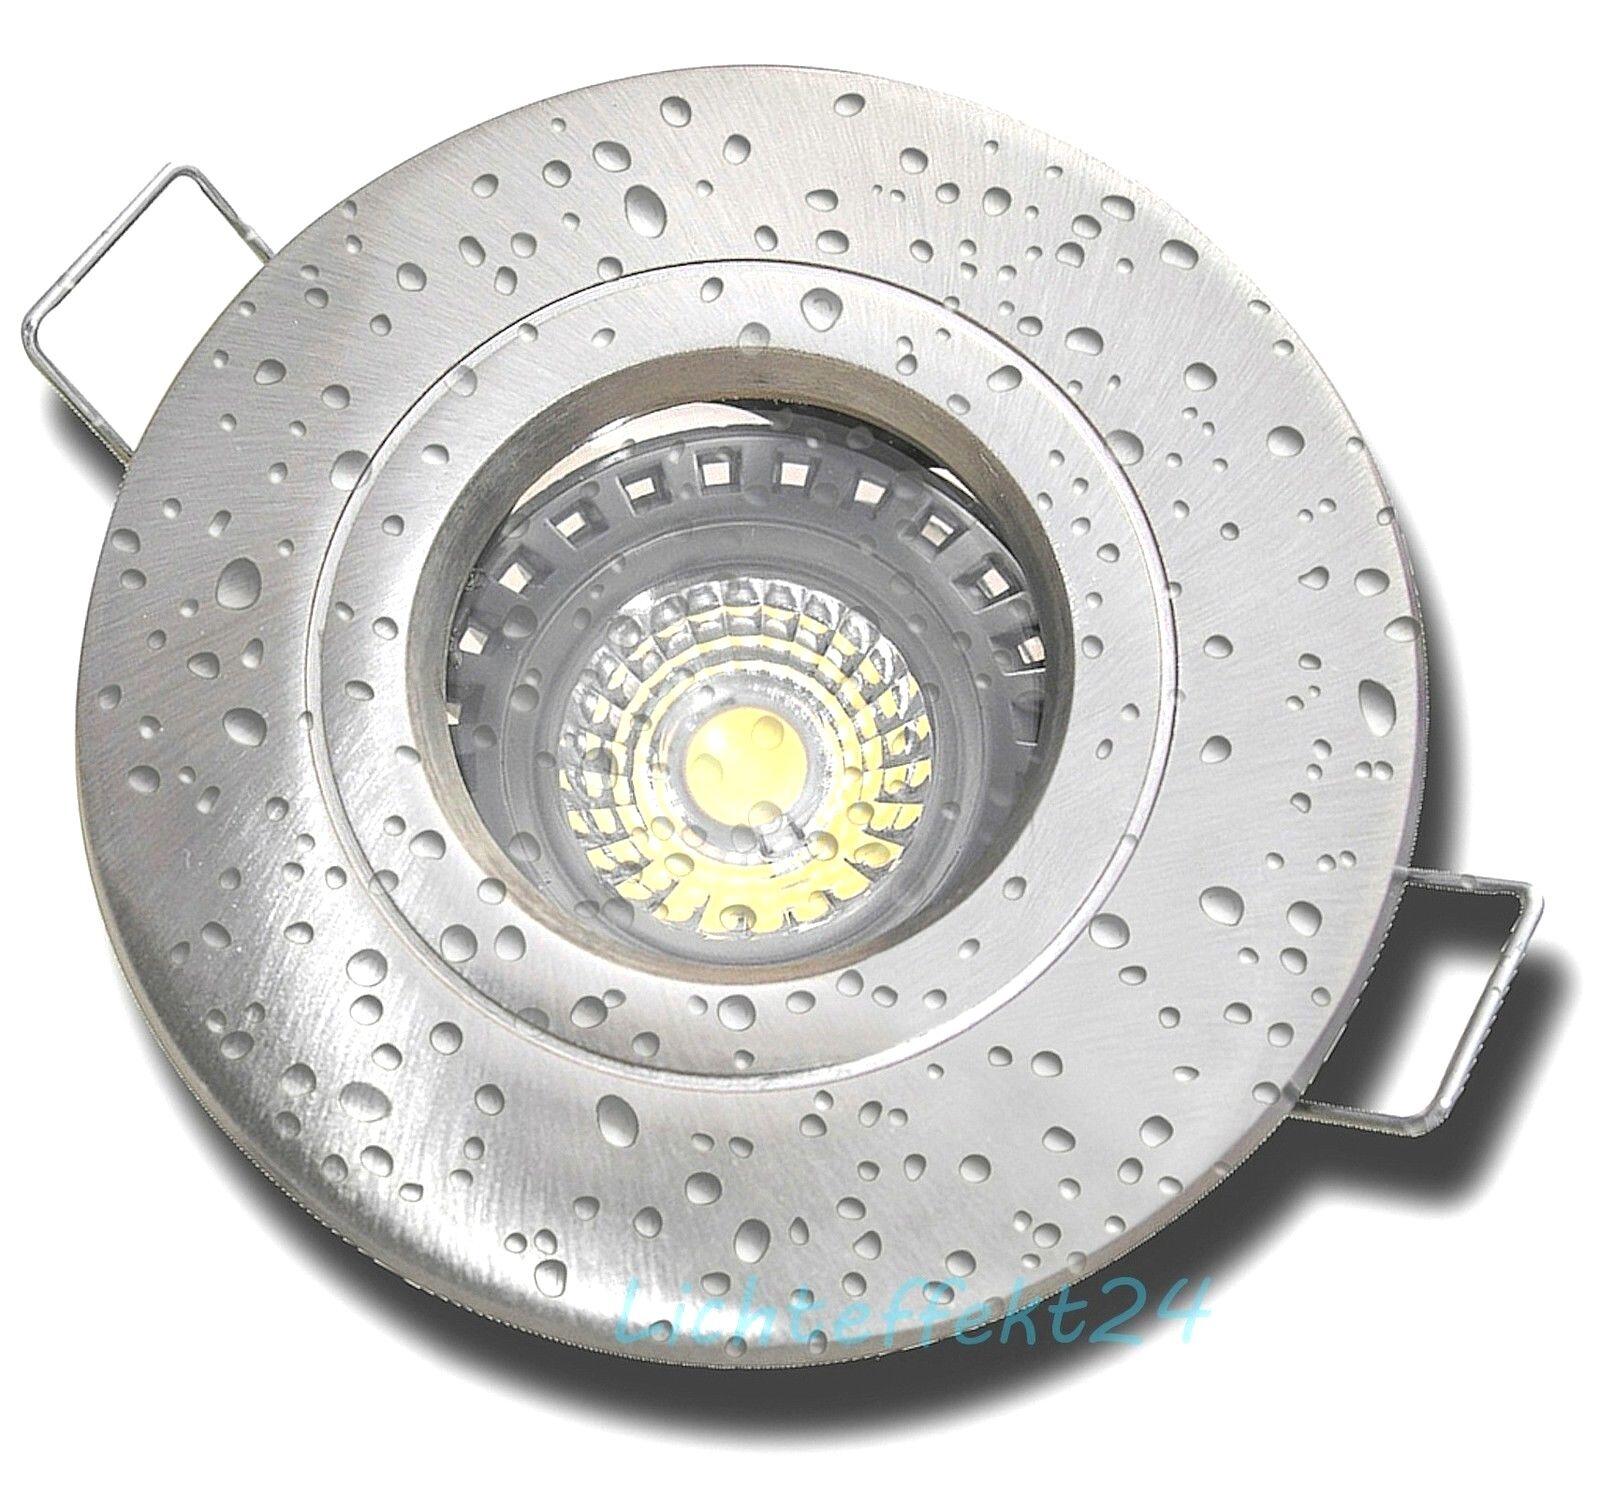 IP54 7W LED Einbauspot für Feuchträume, Duschen, Bäder oder Aussen. 230V DIMMBAR